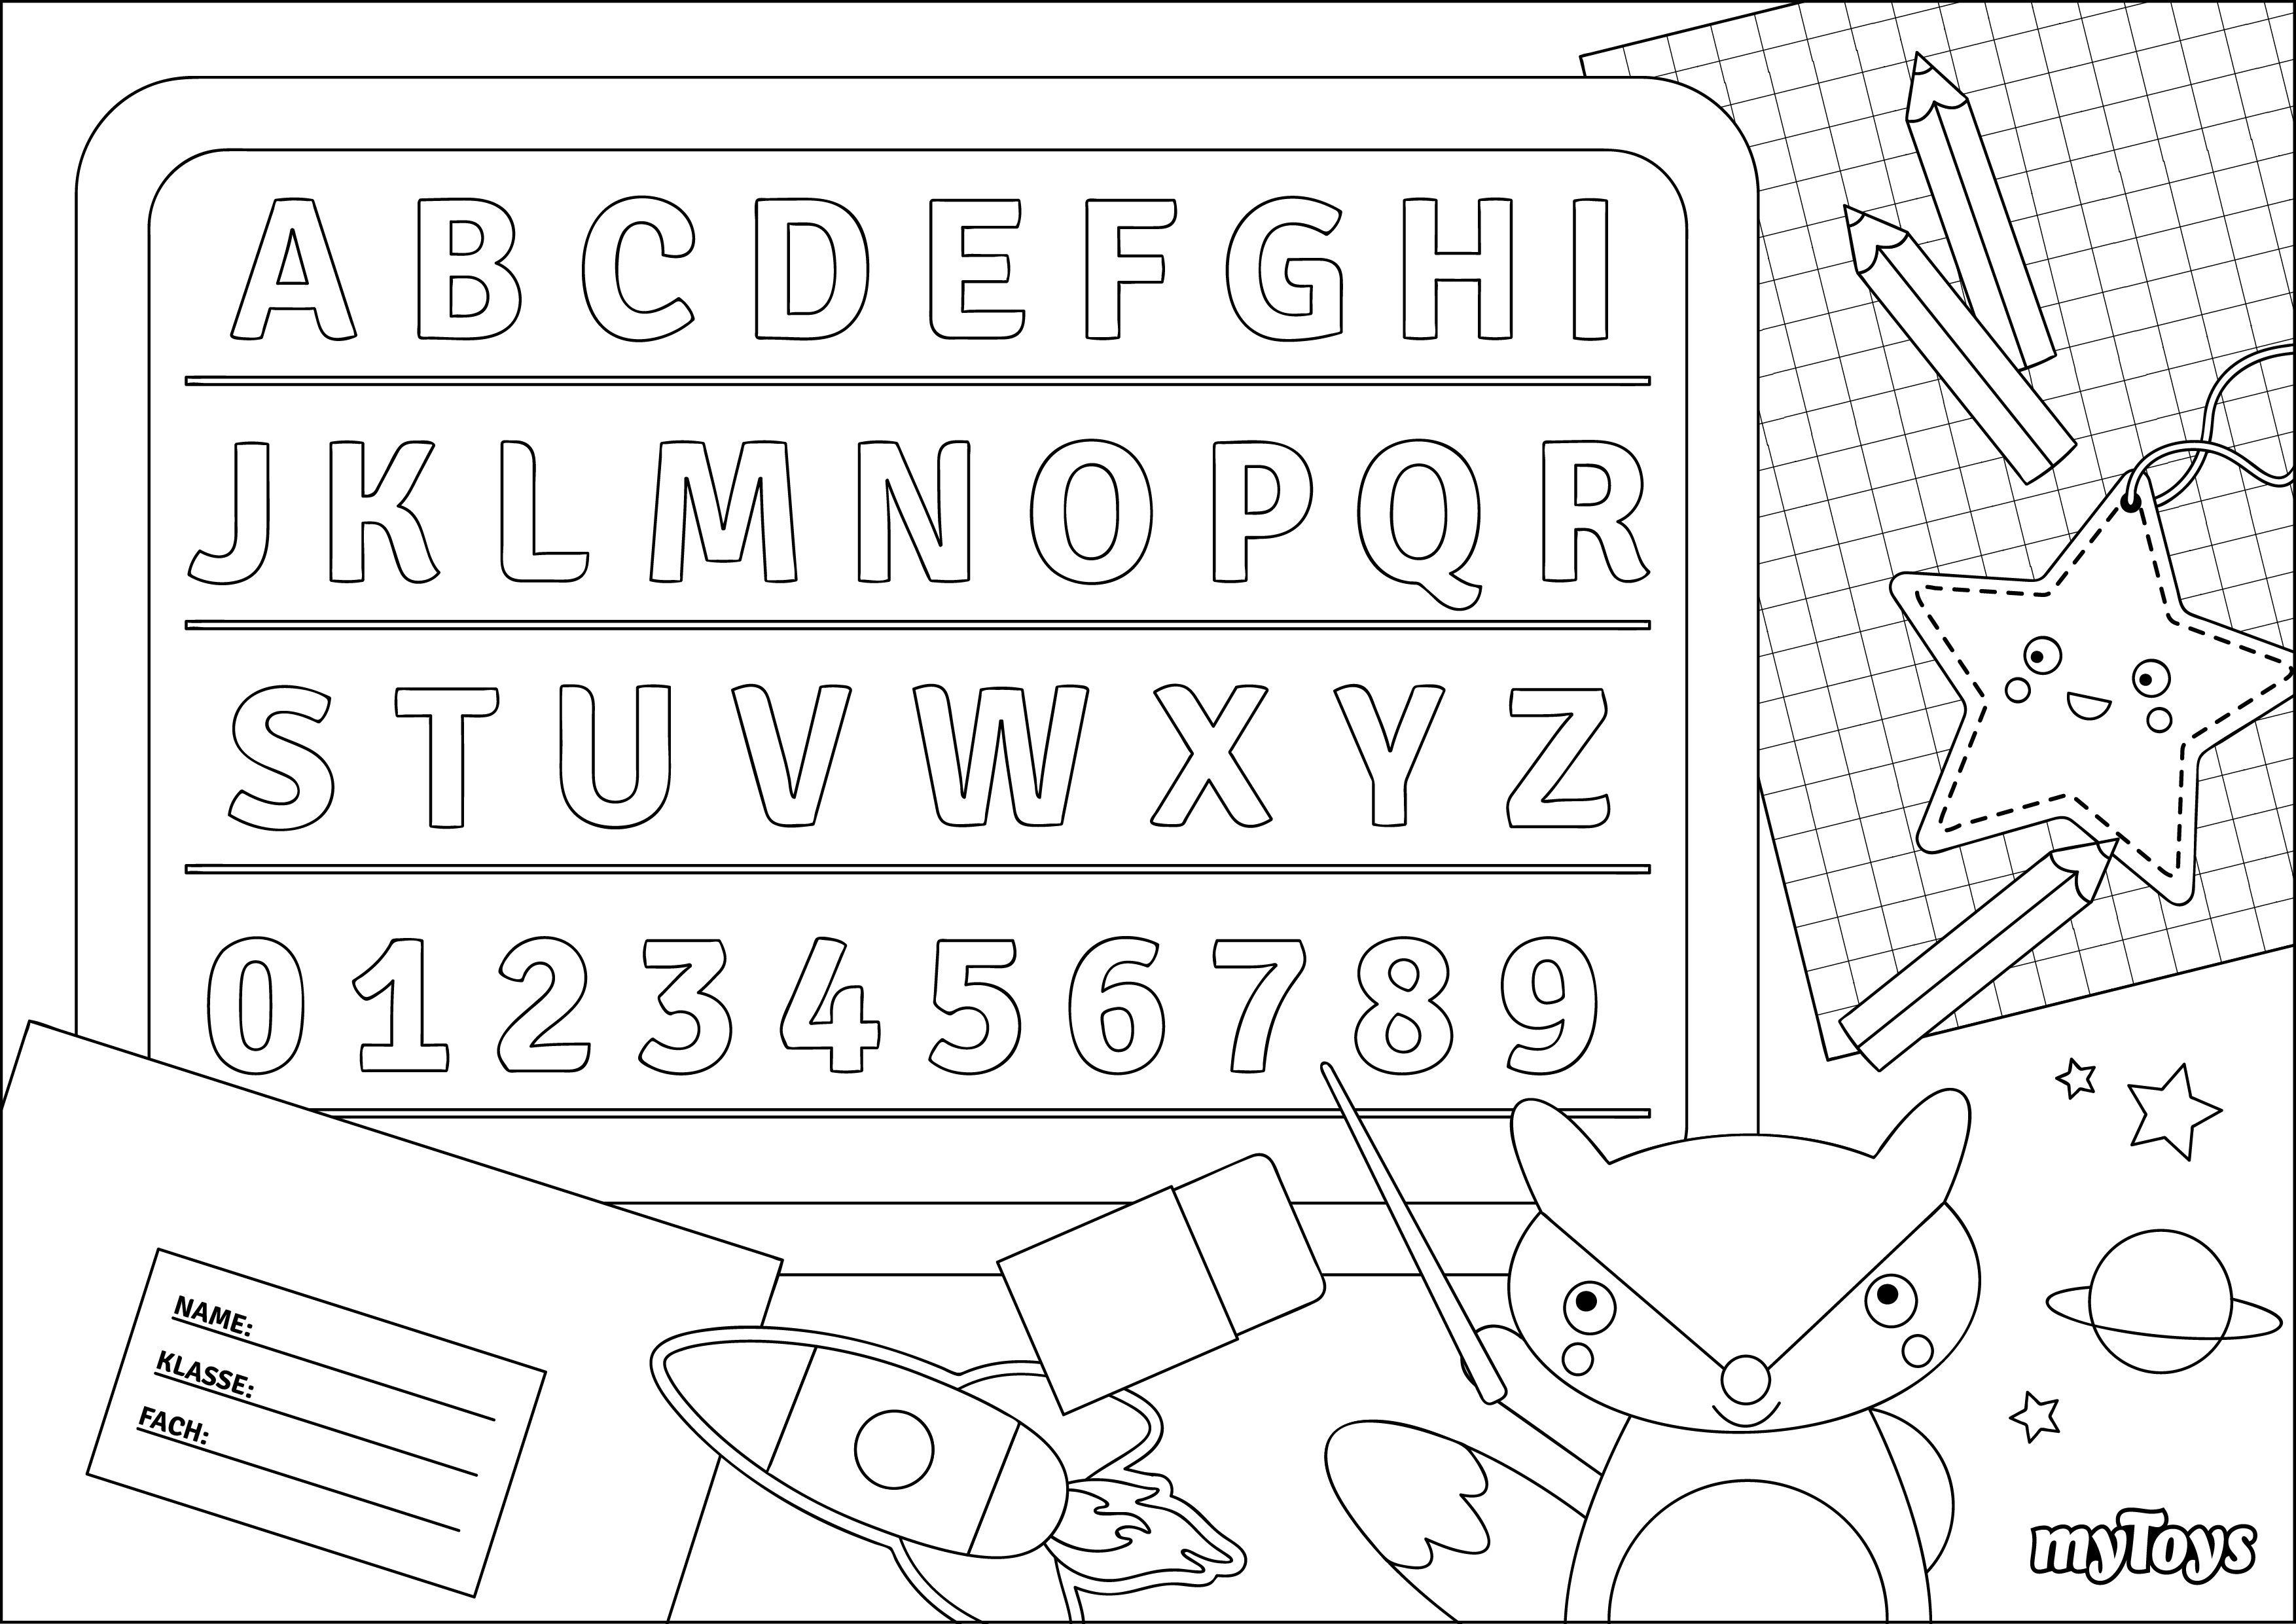 Apprendre Les Lettres De L Alphabet Coloriage Malvorlagen Fur Kinder Malvorlagen Das Alphabet Lernen